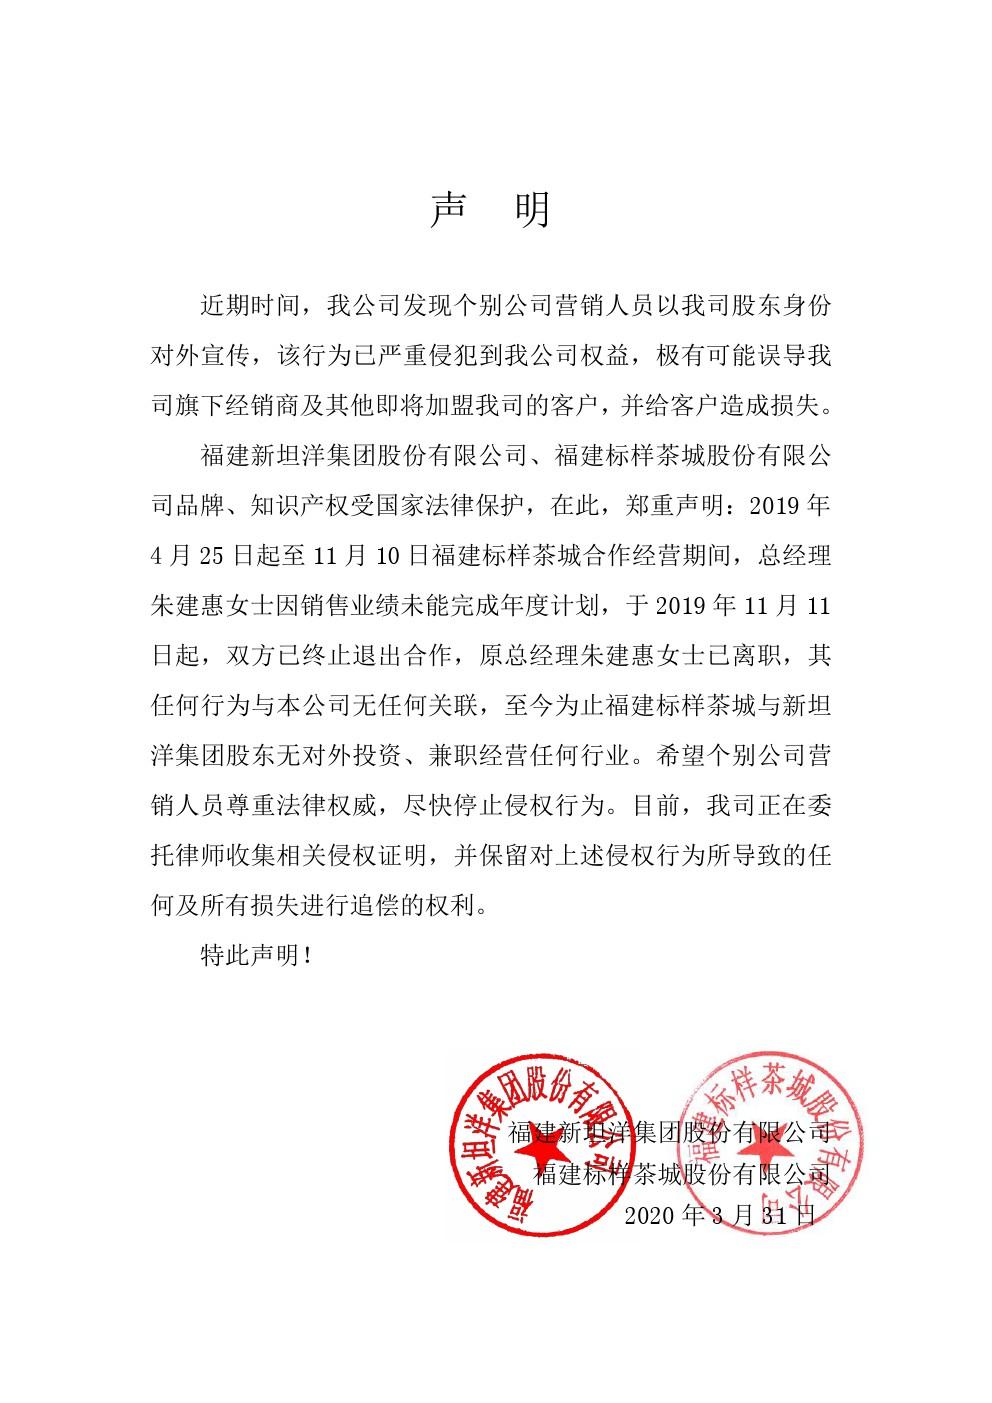 通告:福建标样茶城股份有限公司原总经理朱建惠女士正式离职